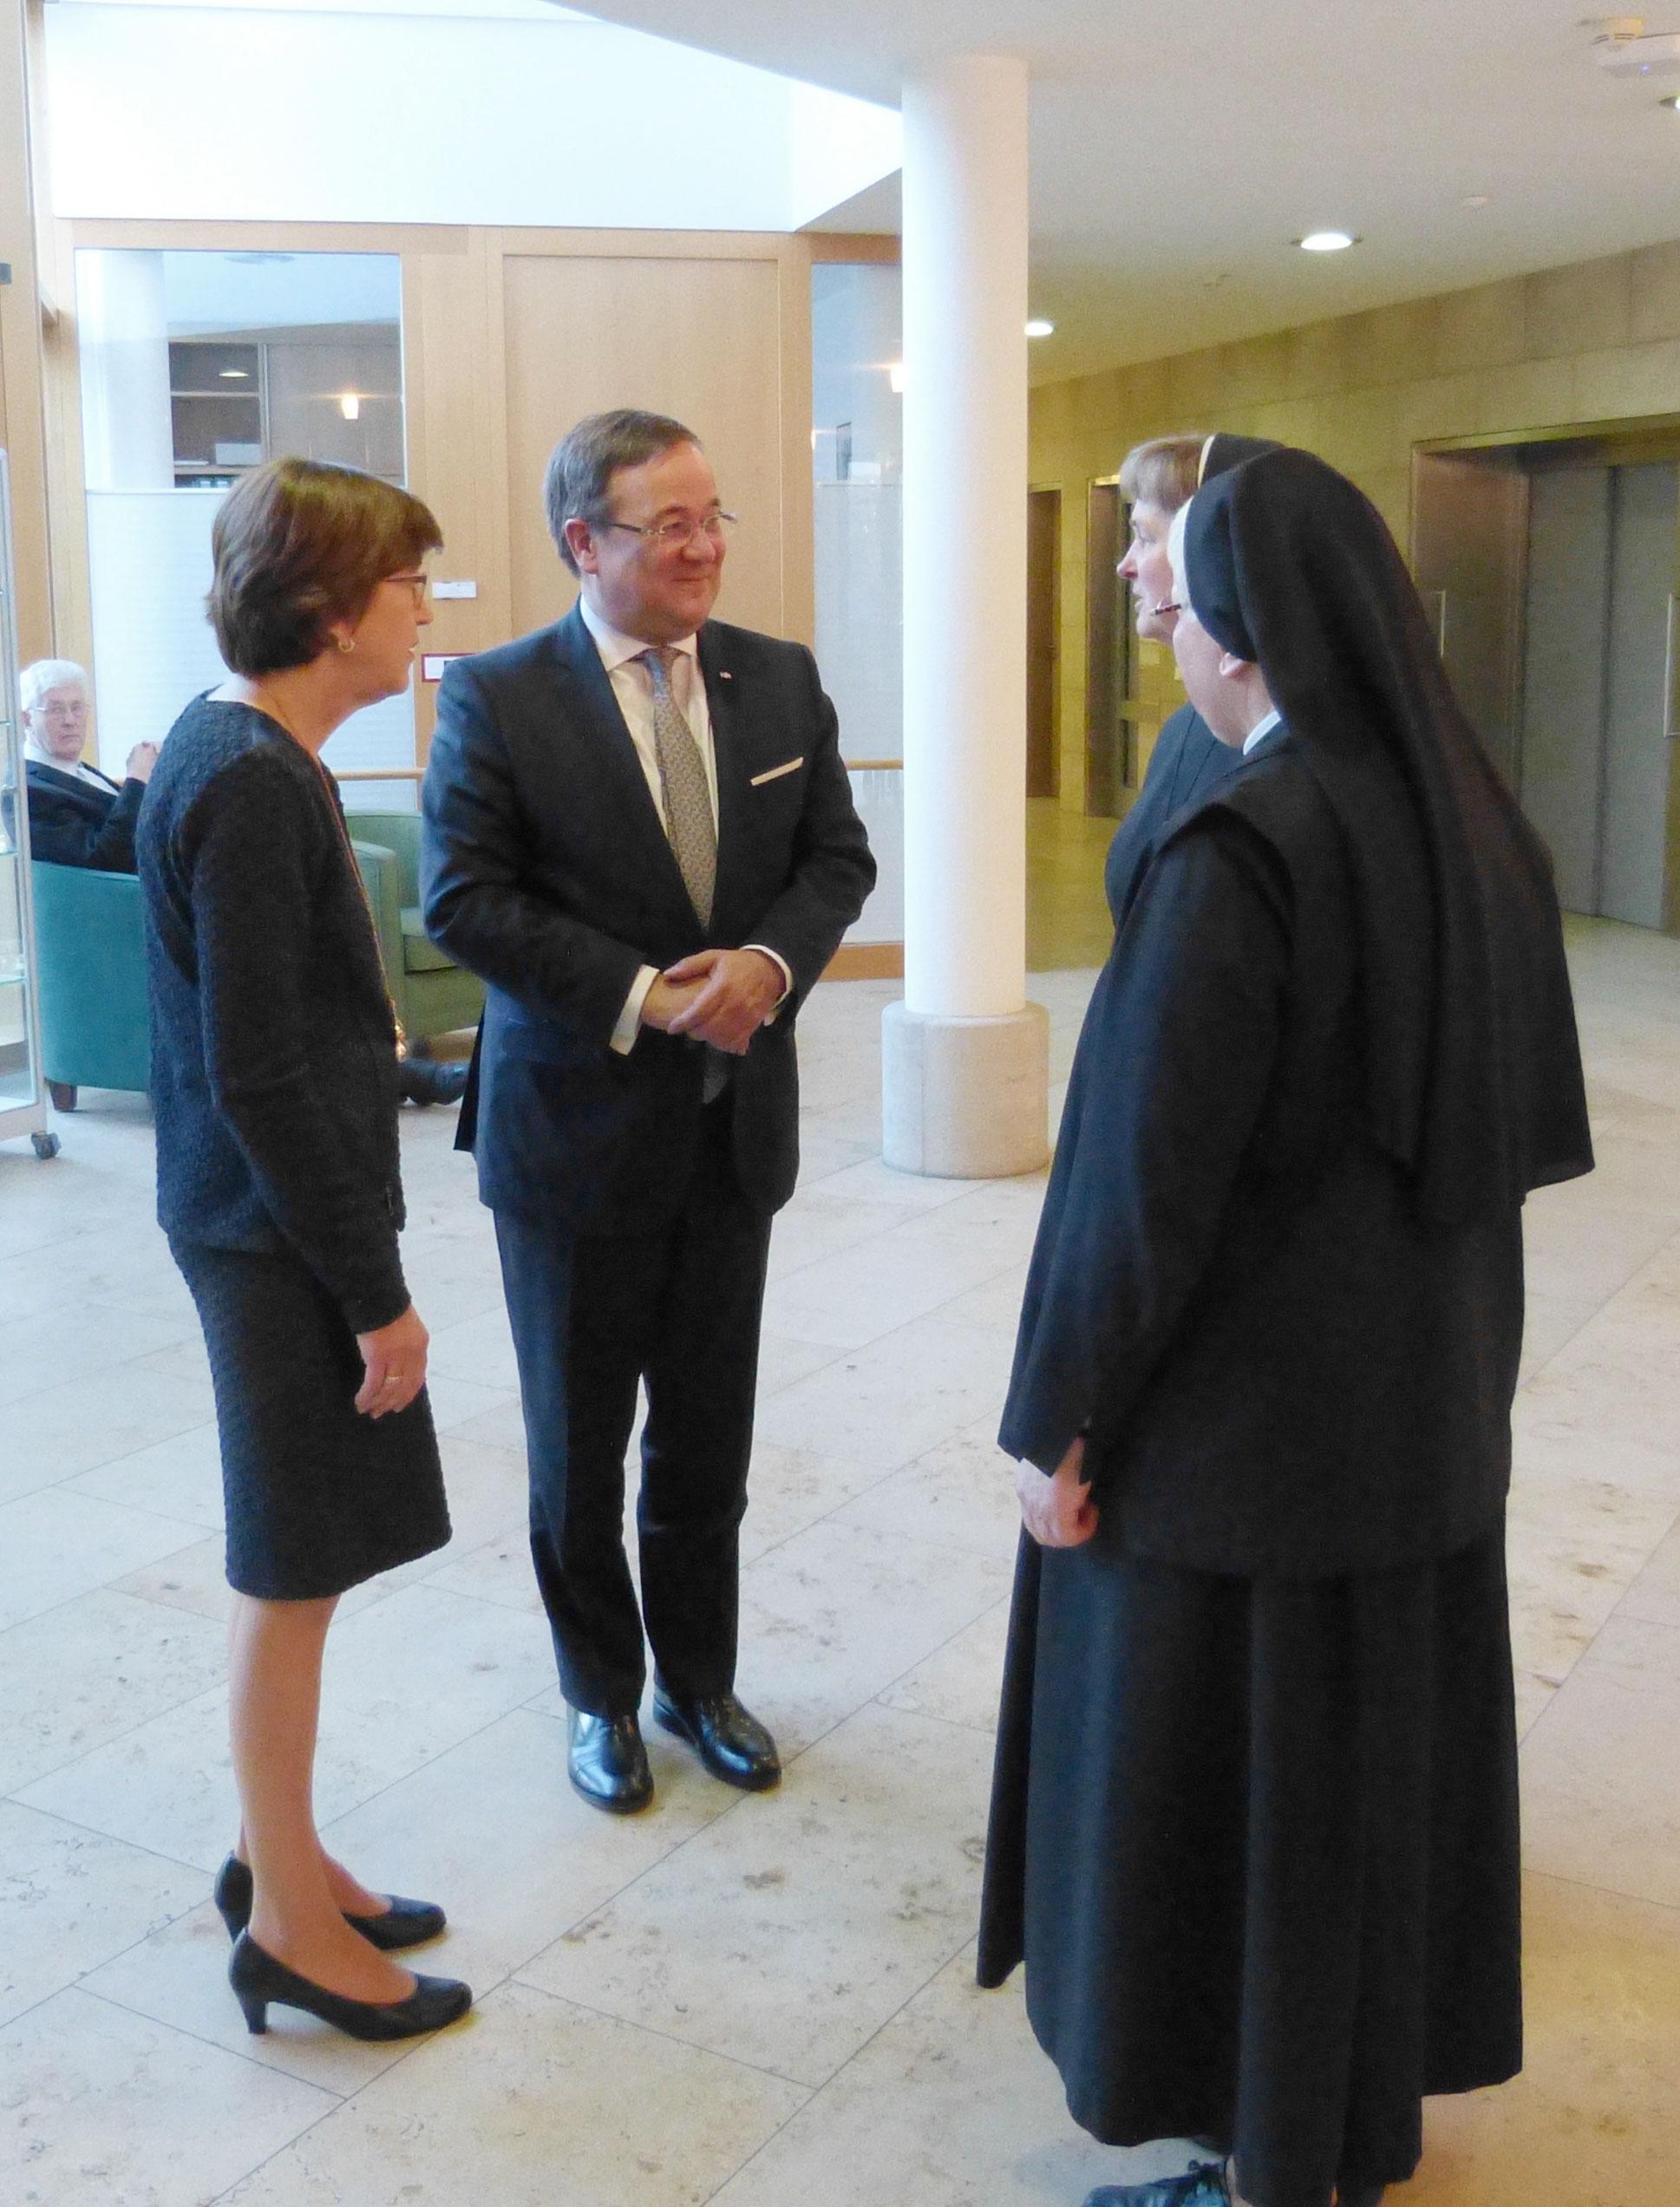 Empfang durch Schwester Herbertis, Schwester Irmgardis, A. Schenkwald (v. l.)